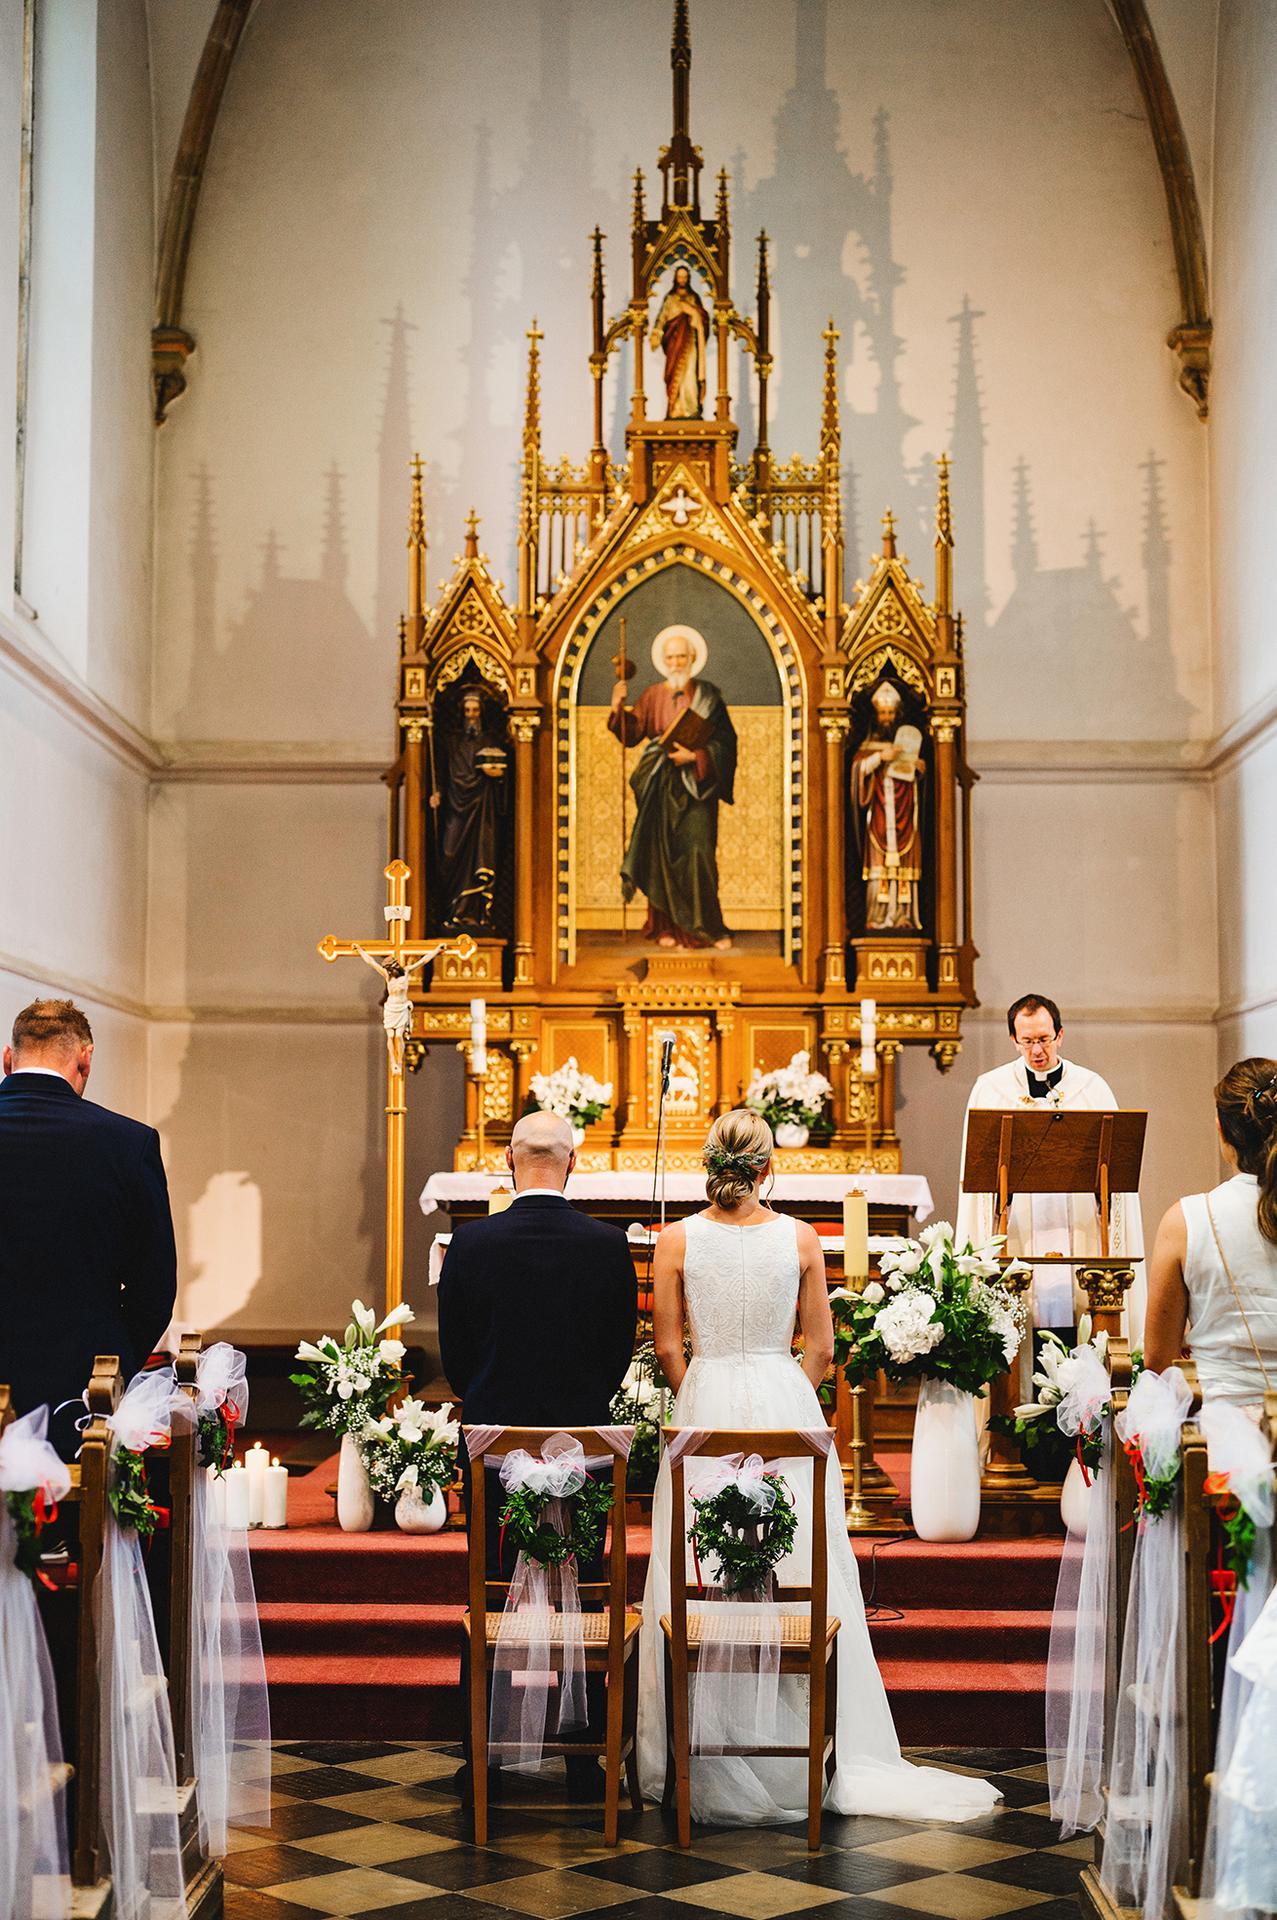 Svatba Praha 13 - Obrázek č. 3